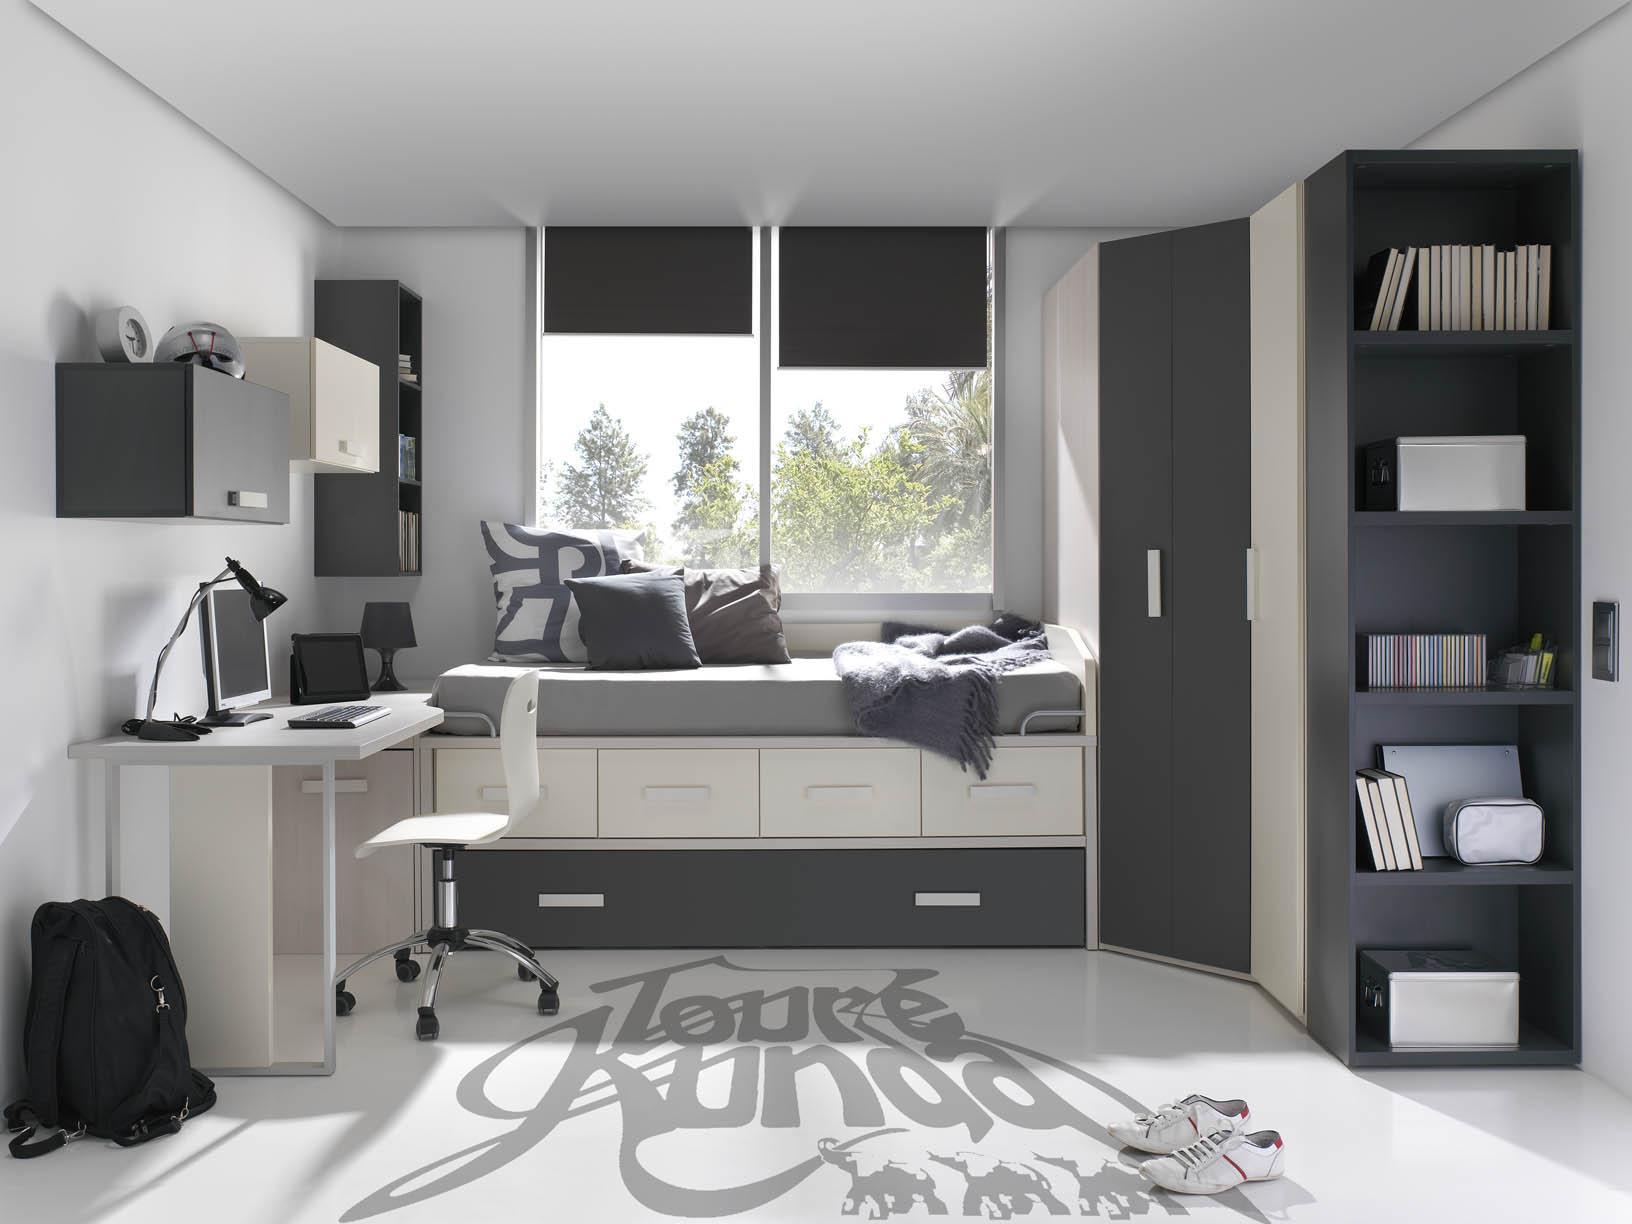 Muebles modulares para el dormitorio juvenil muebles - Imagenes dormitorios juveniles ...